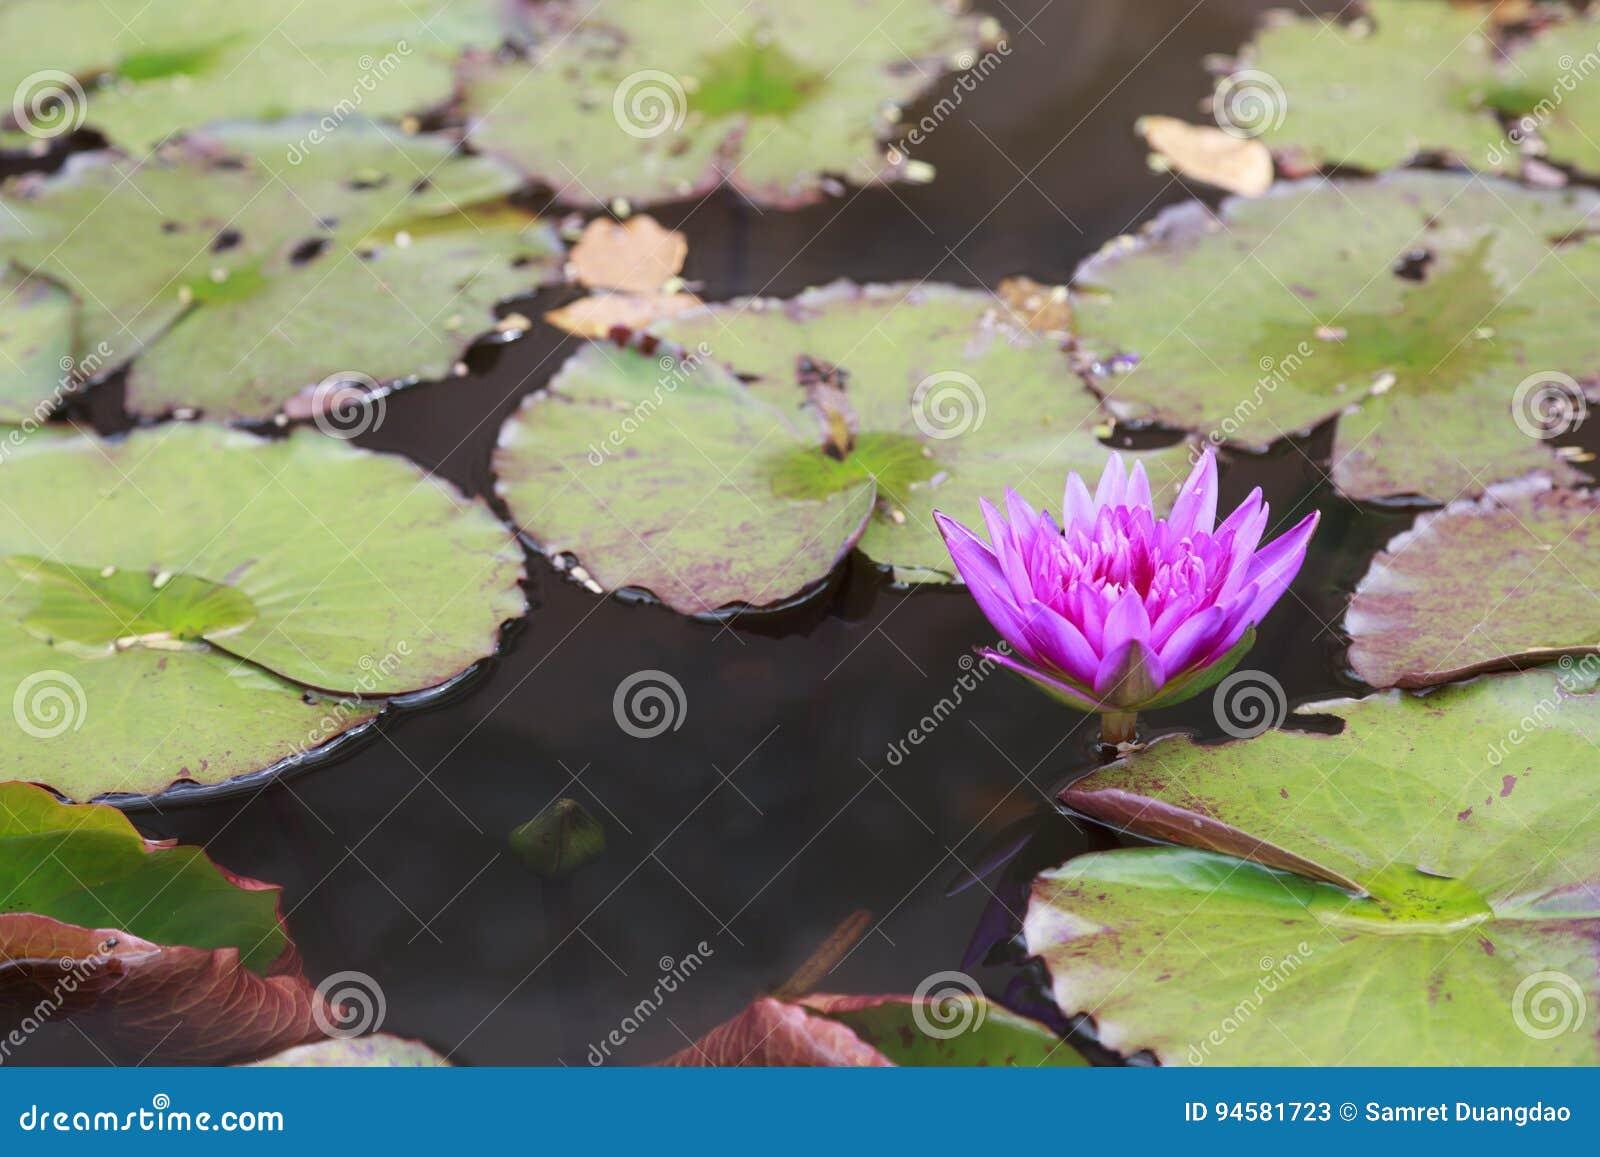 Wodna leluja lub lotos jesteśmy nadwodnym rośliną